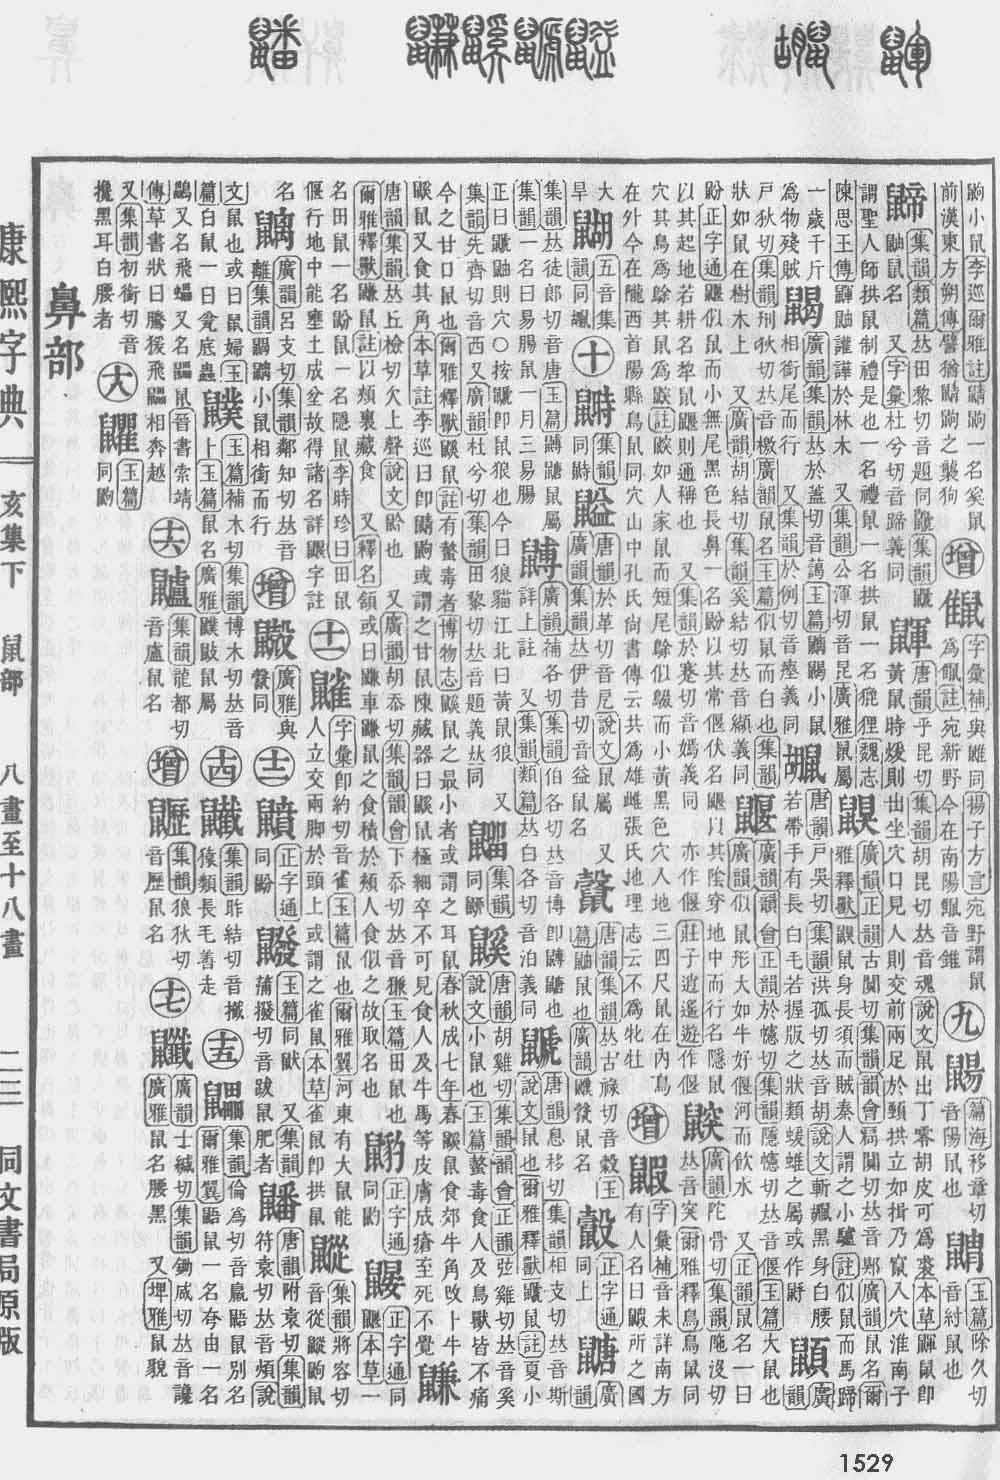 《康熙字典》第1529页